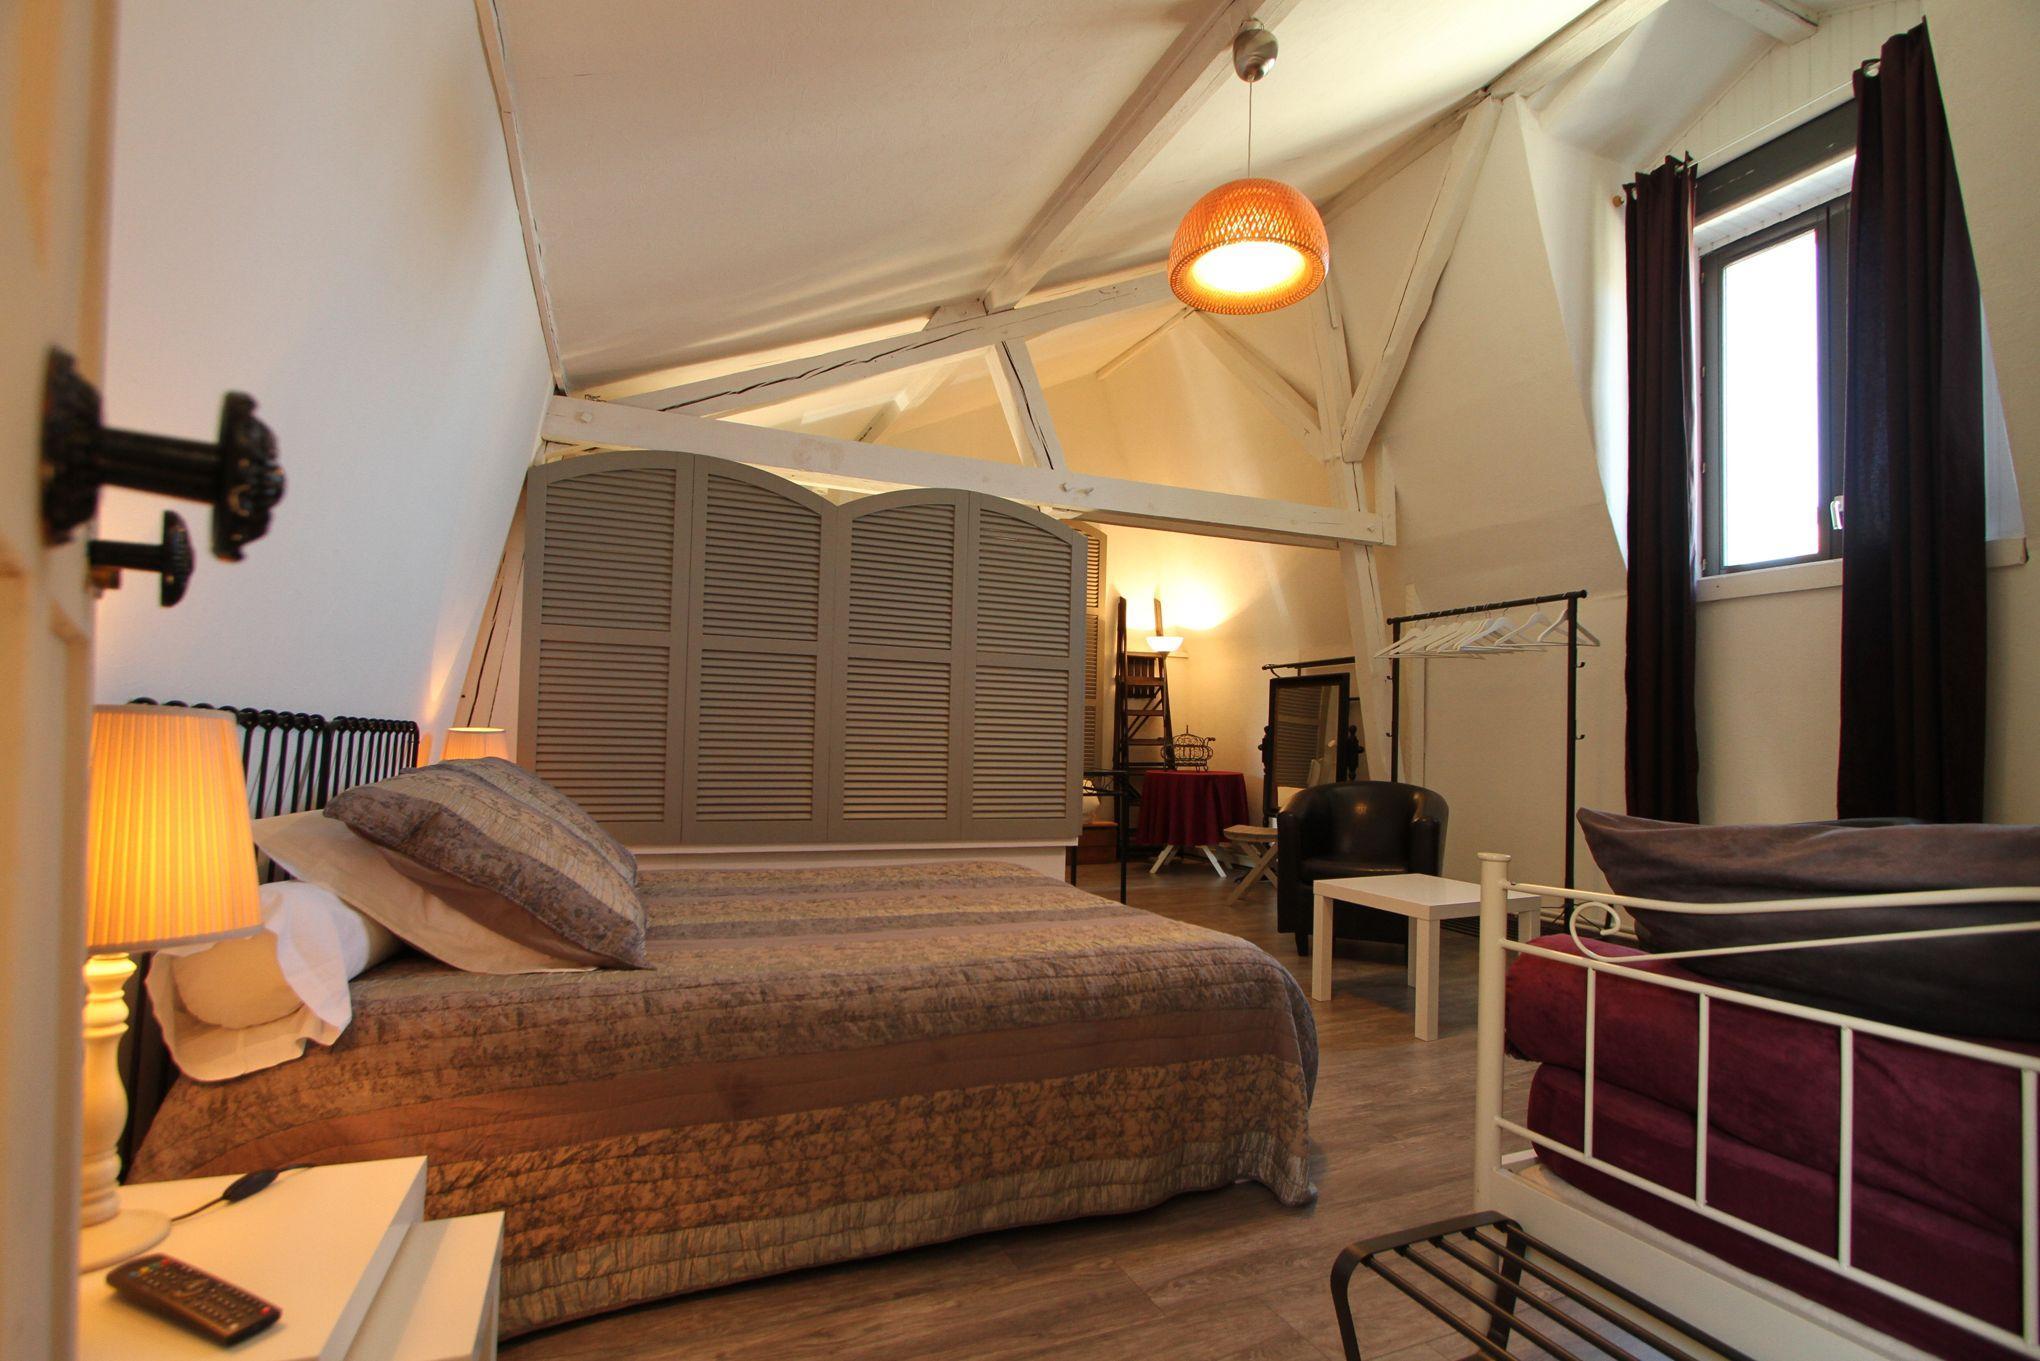 nos plus belles chambres d 39 h tes dans le nord est et l 39 ile de france. Black Bedroom Furniture Sets. Home Design Ideas